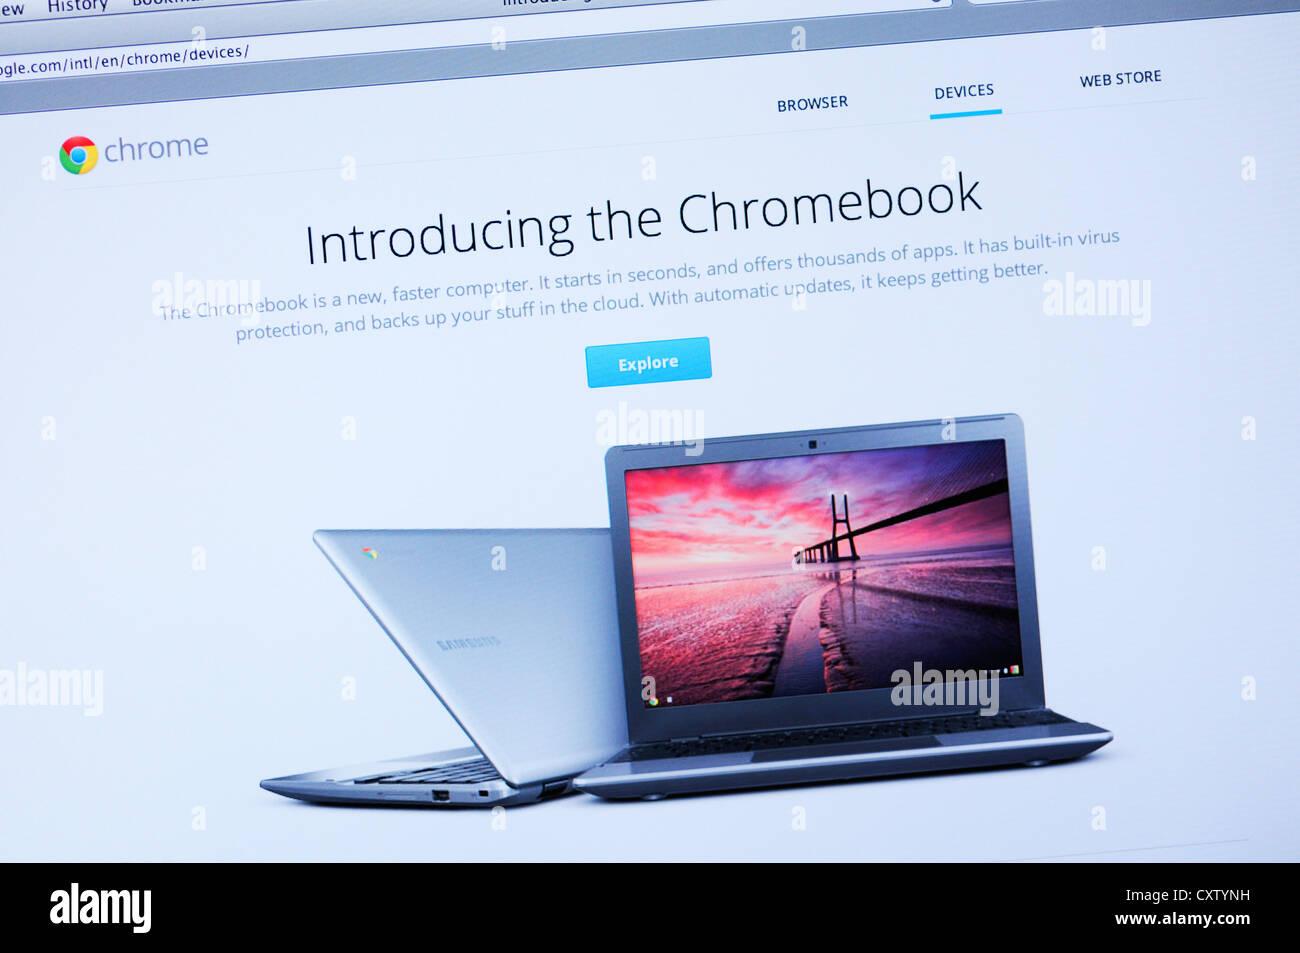 Google Chrome Os Stock Photos & Google Chrome Os Stock Images - Alamy